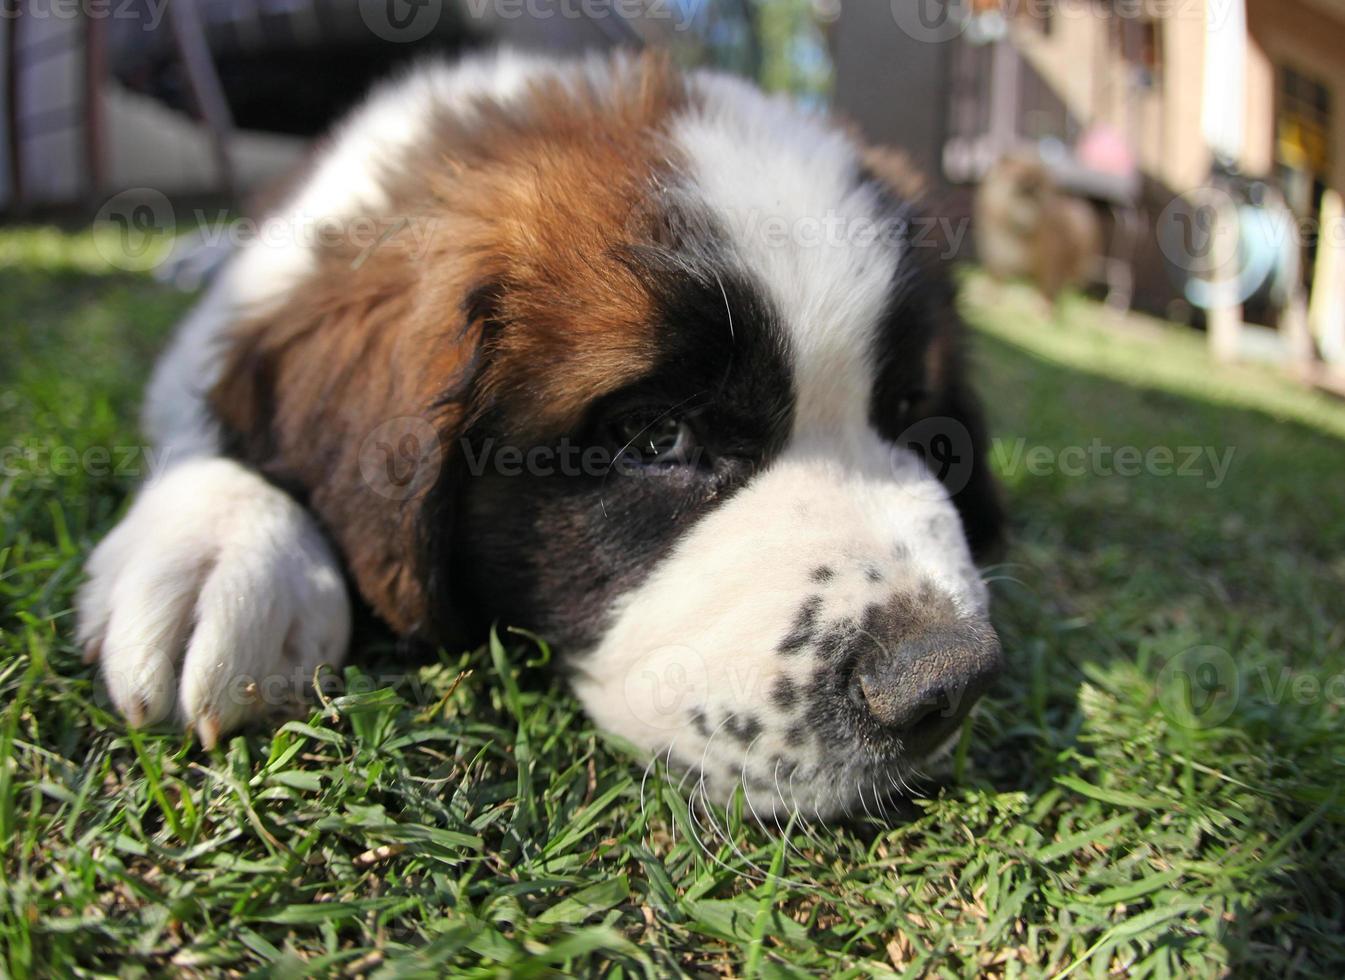 cucciolo sdraiato sull'erba con aria triste foto